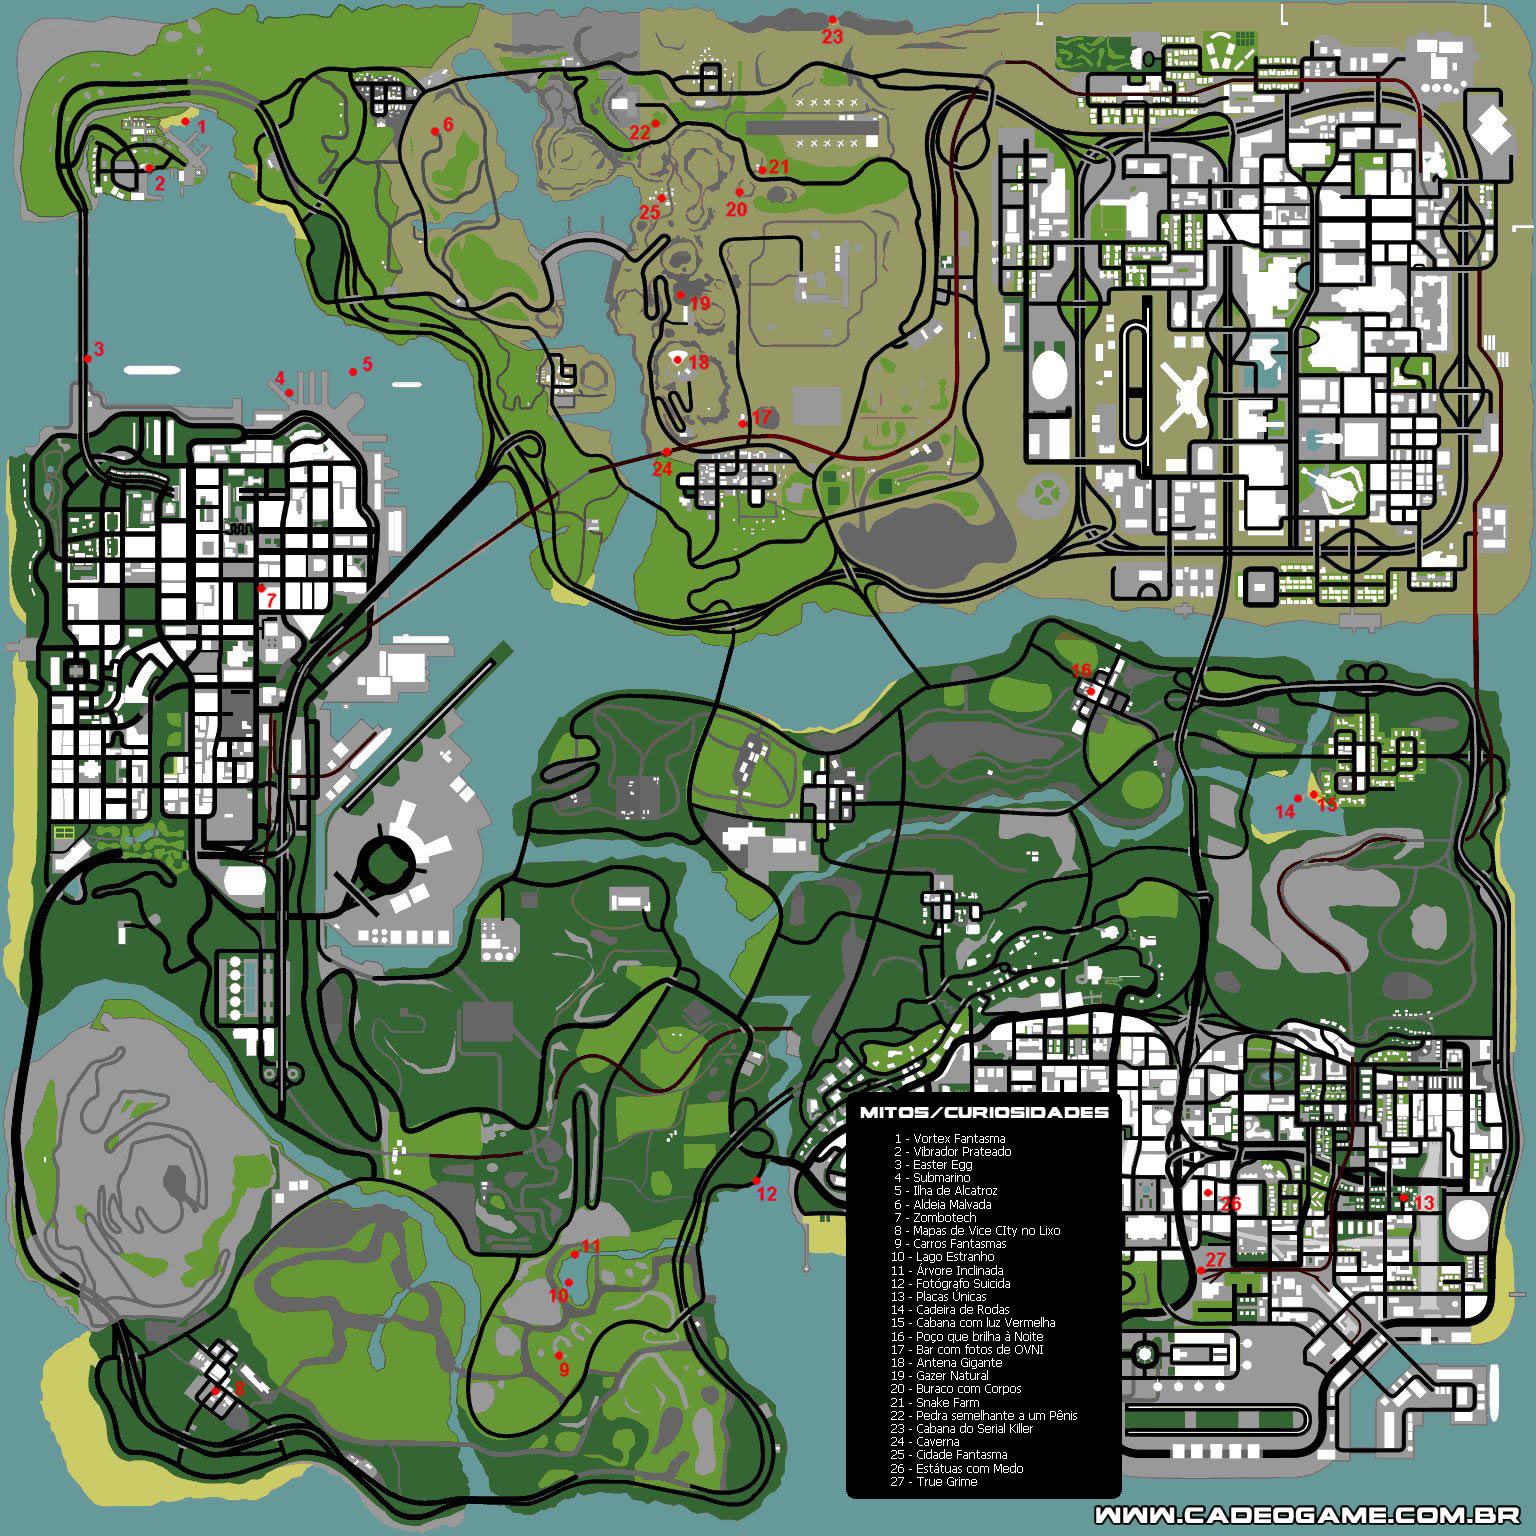 http://files.cadeogame.com.br/hotsites/gtasanandreas_mapas/mitos.jpg